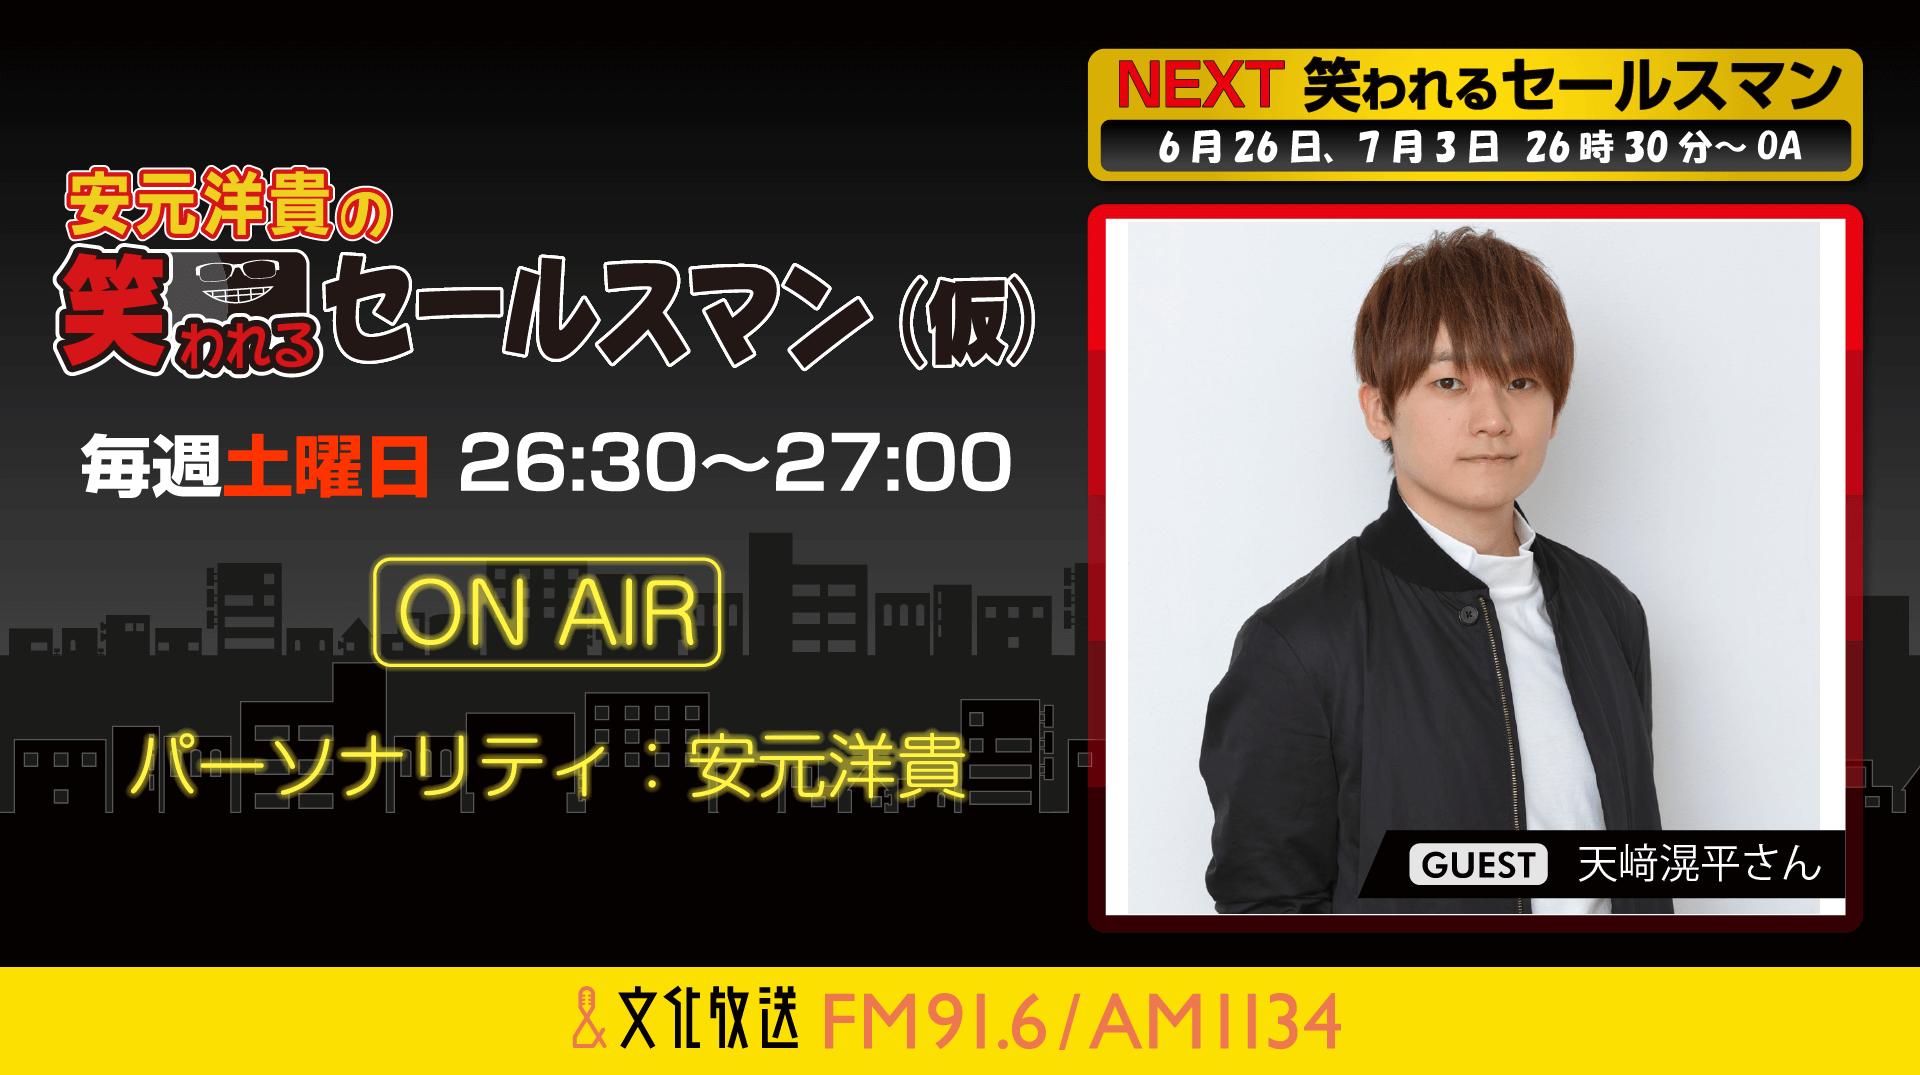 6月26日の放送には、天﨑滉平さんがゲストに登場!『安元洋貴の笑われるセールスマン(仮)』